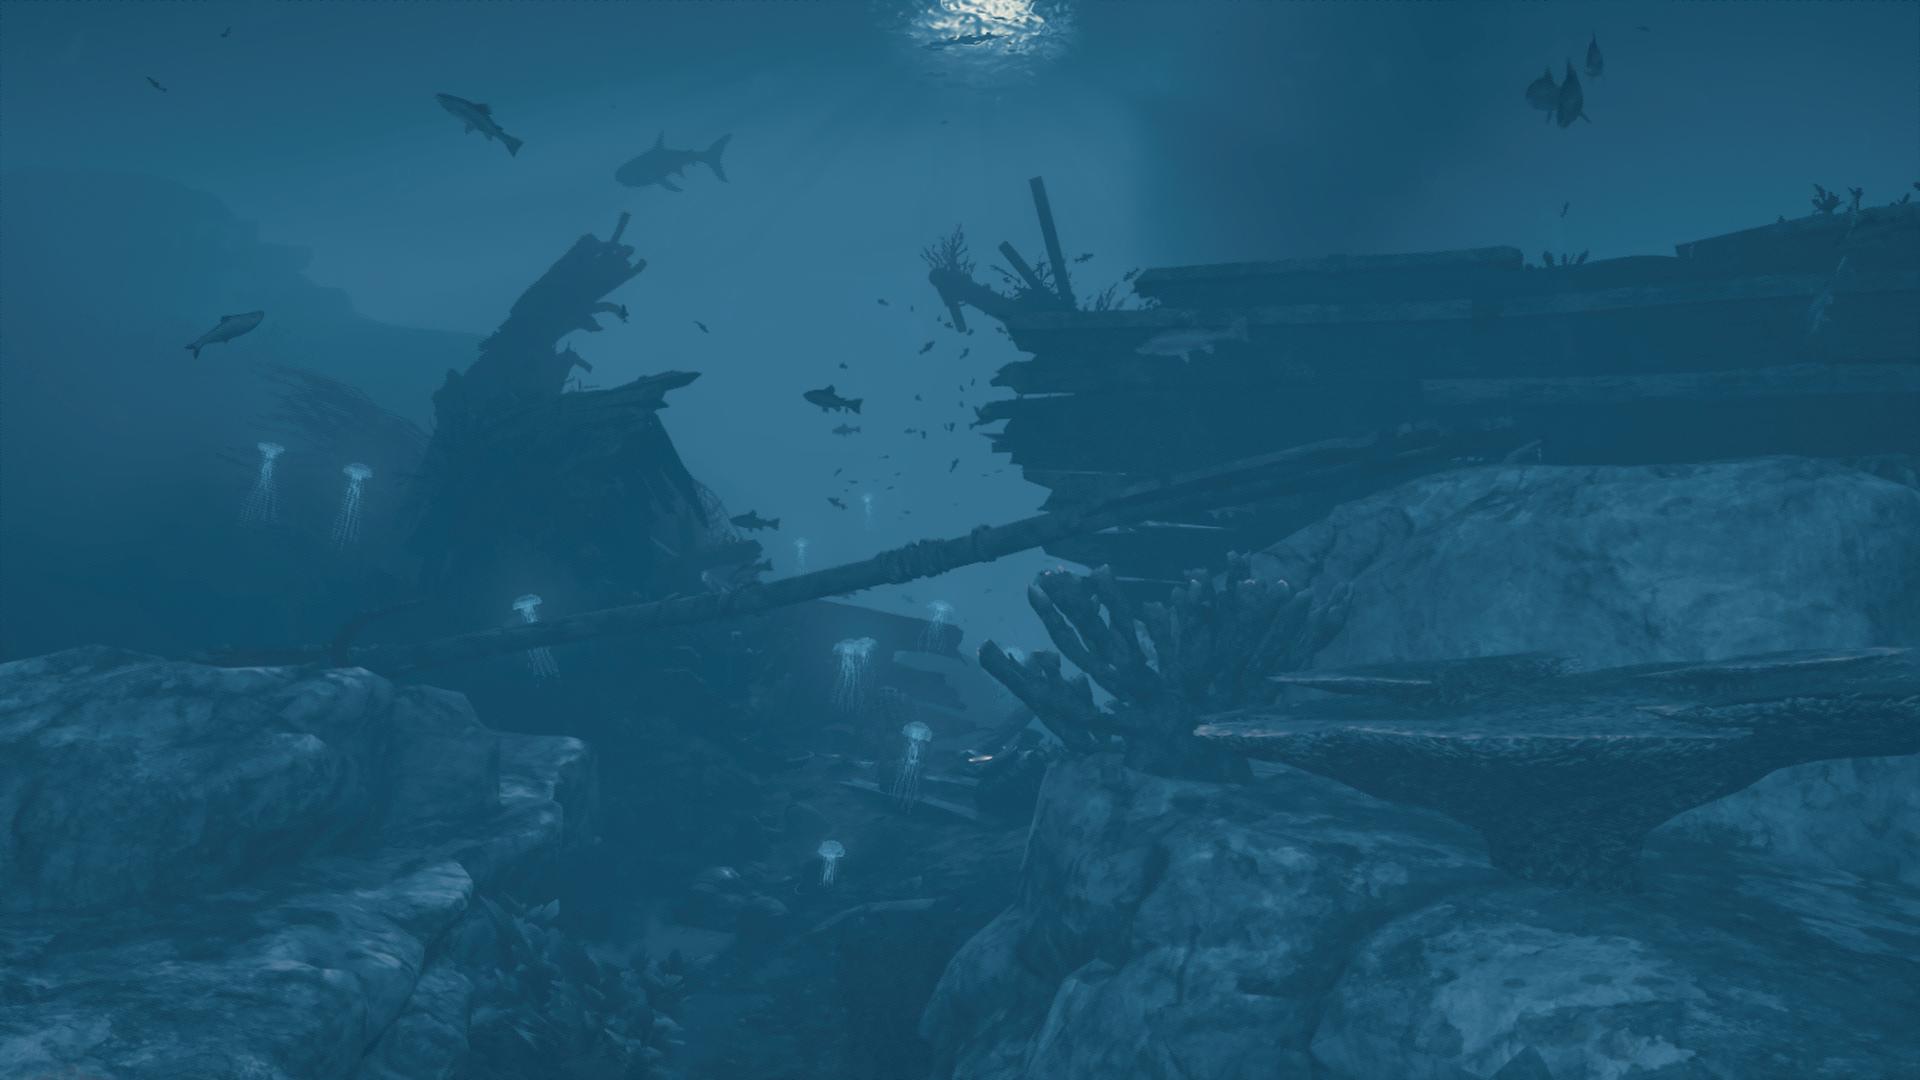 Ariabignes Shipwreck | Assassin's Creed Wiki | FANDOM